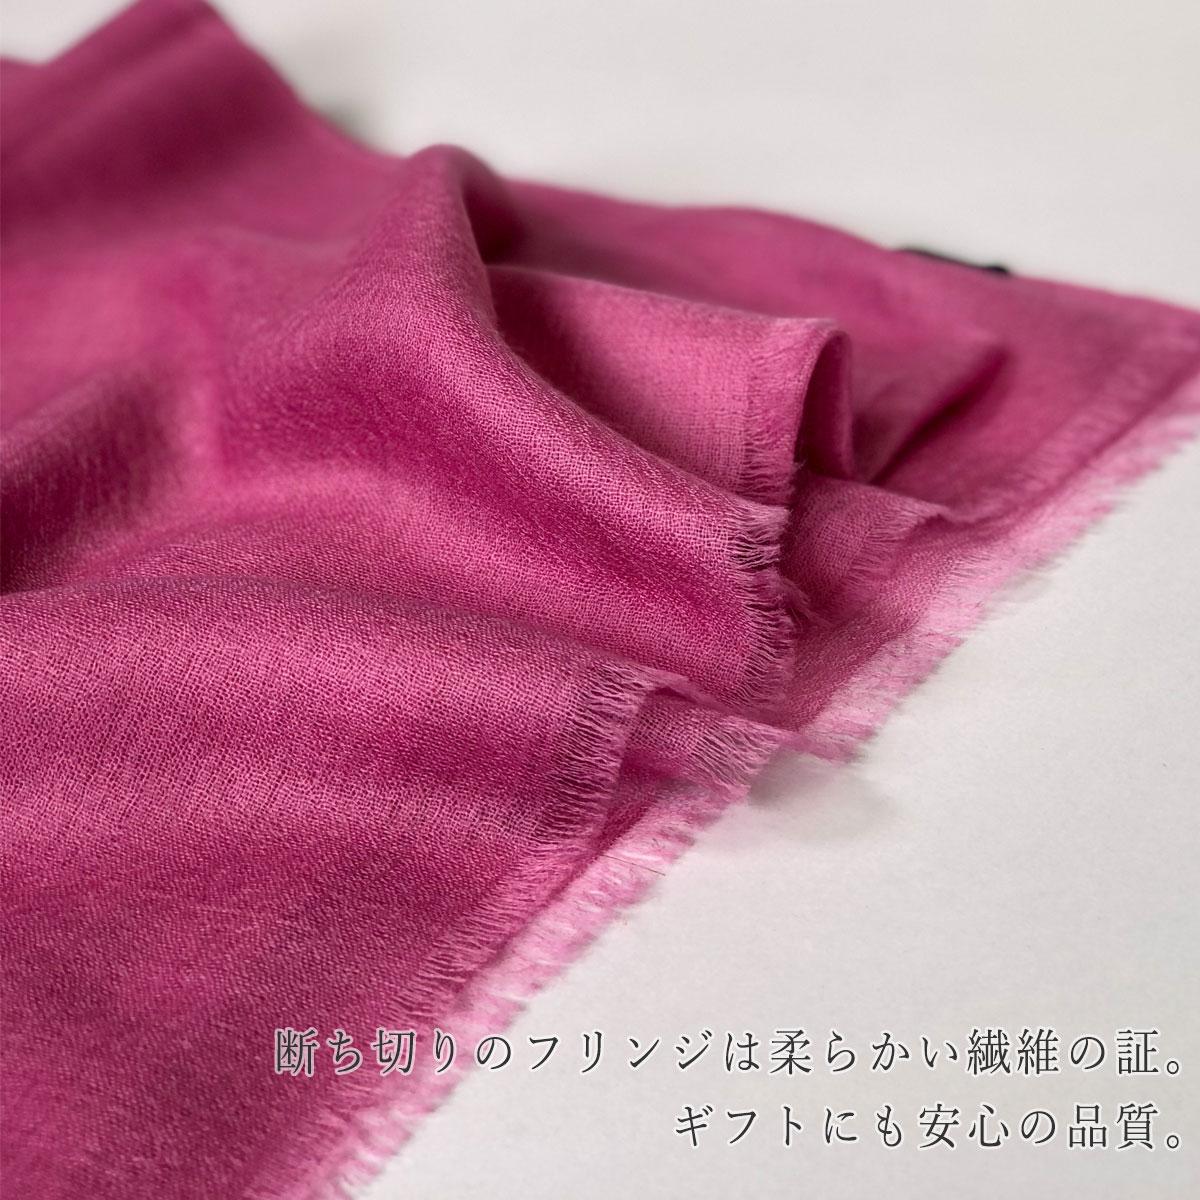 パシュミナガーゼストール マフラ— 無地 古希 紫 ピンク カシミヤ100% 誕生日 プレゼント